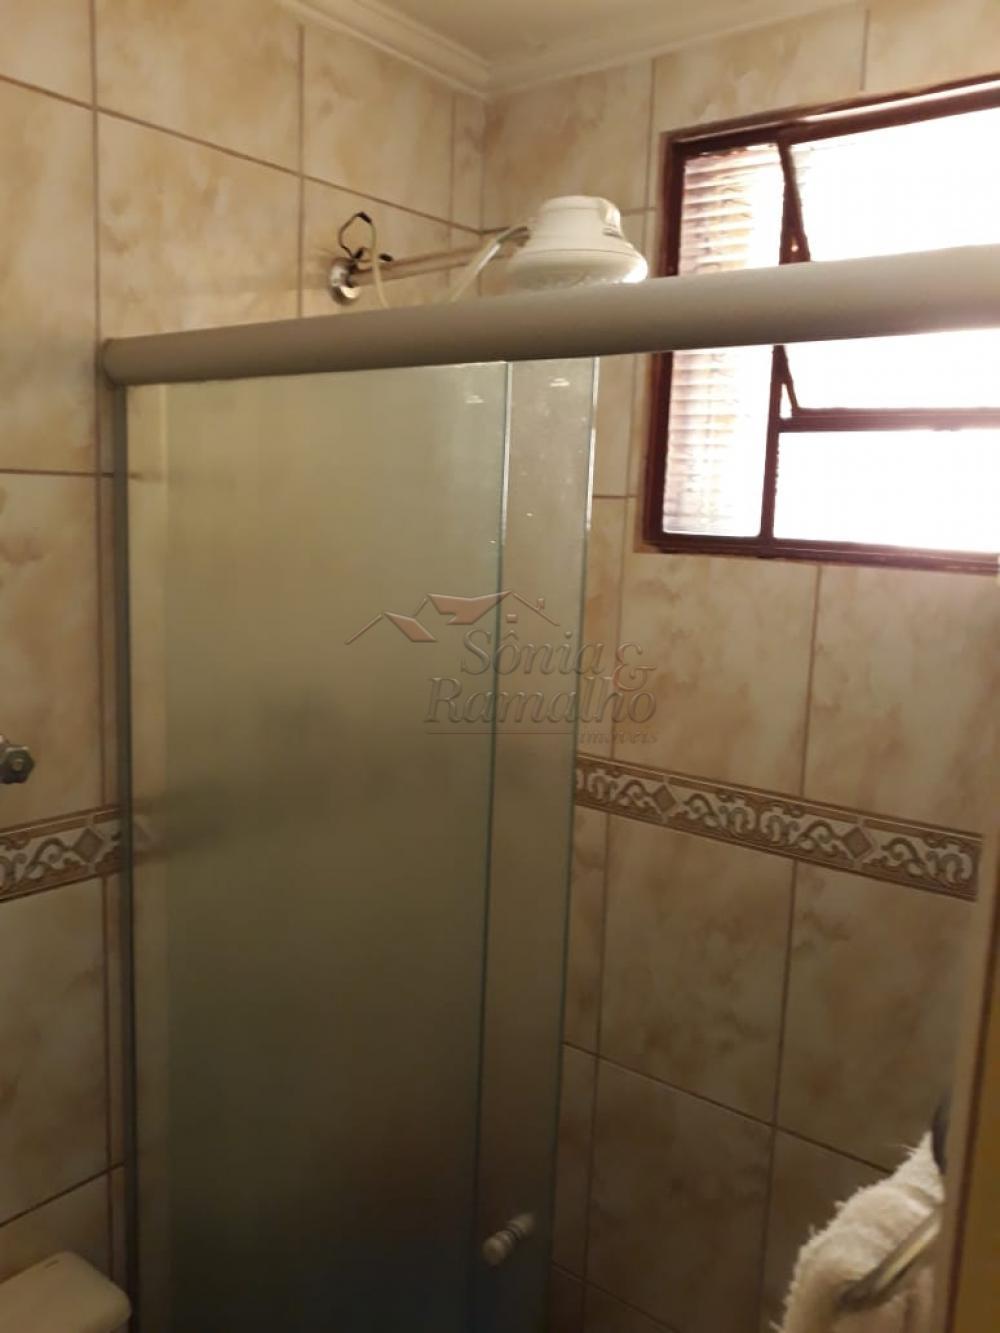 Comprar Casas / Padrão em Ribeirão Preto R$ 350.000,00 - Foto 12